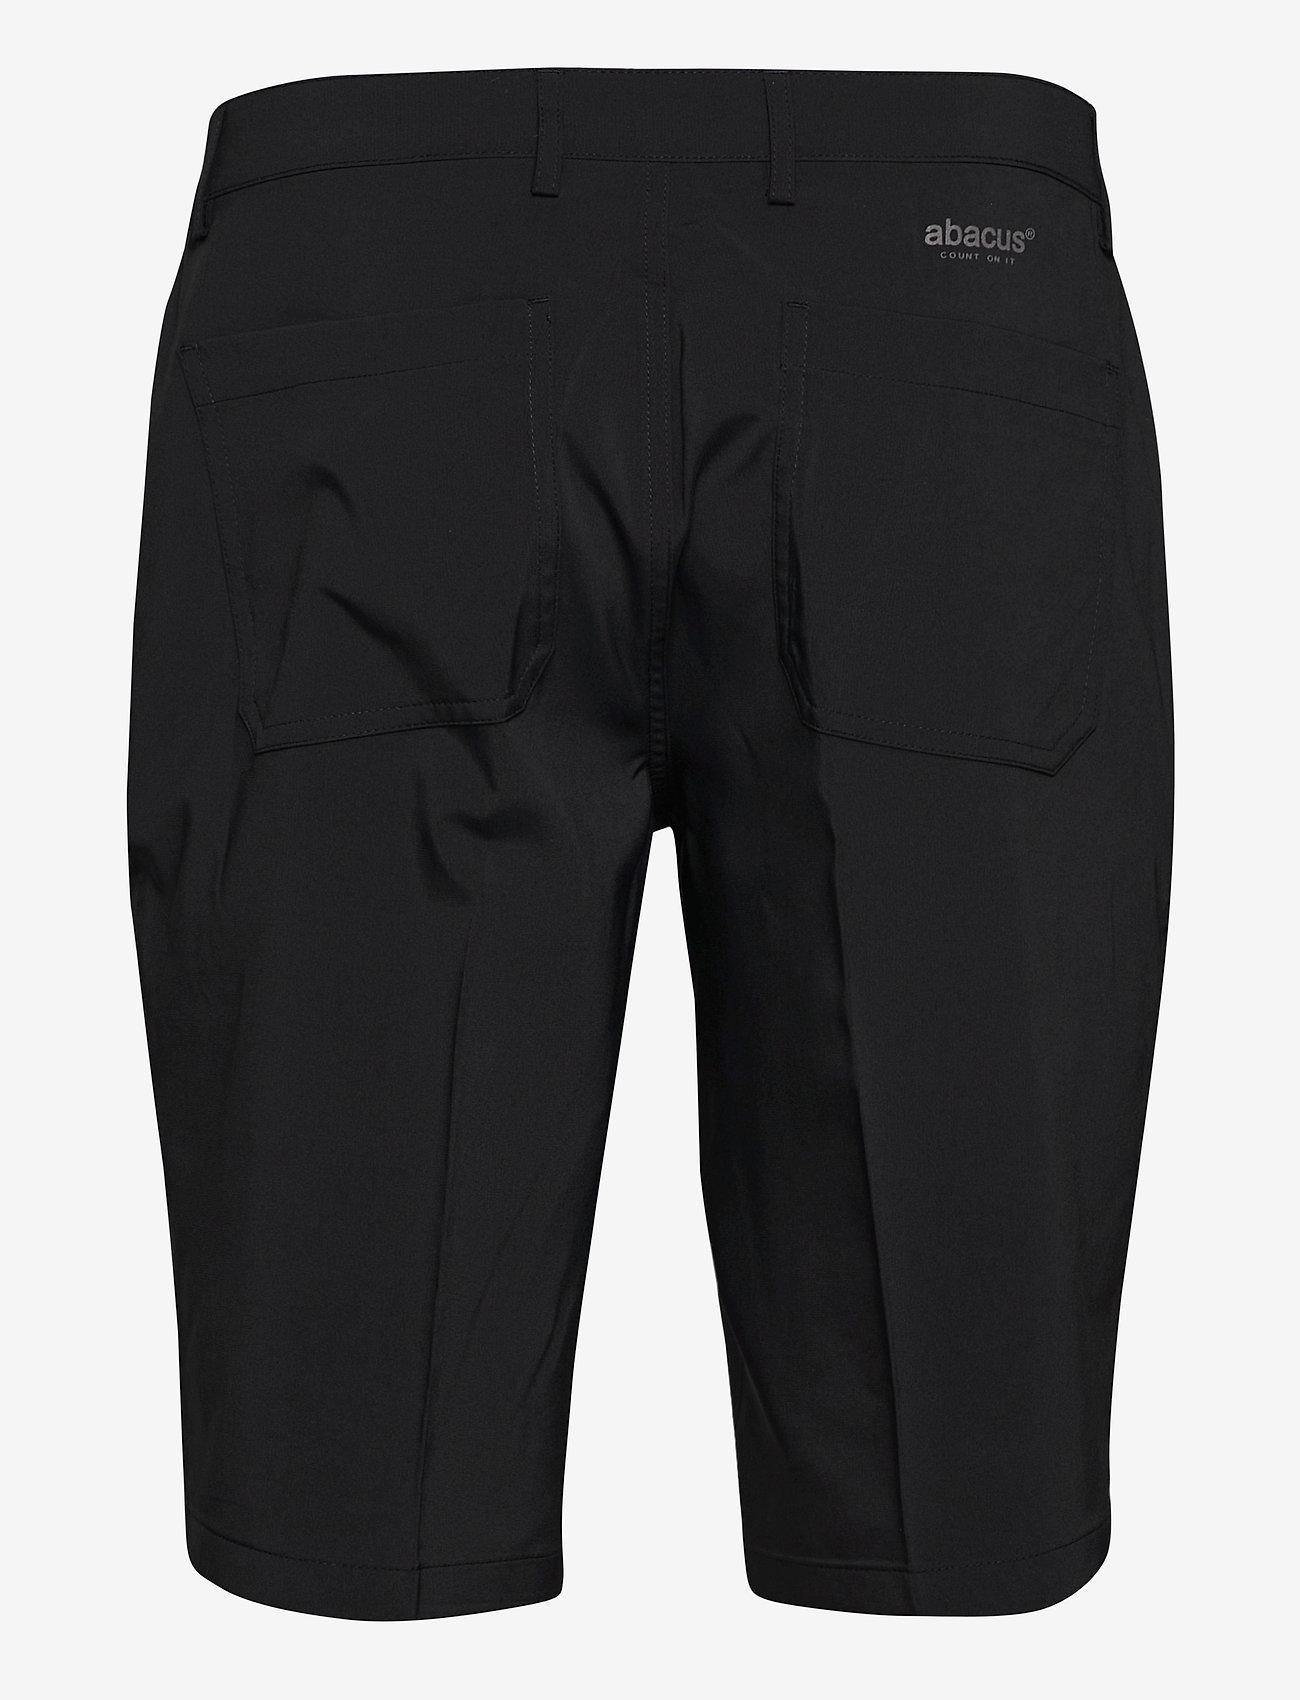 Abacus Mens Cleek stretch shorts - Shorts BLACK - Menn Klær